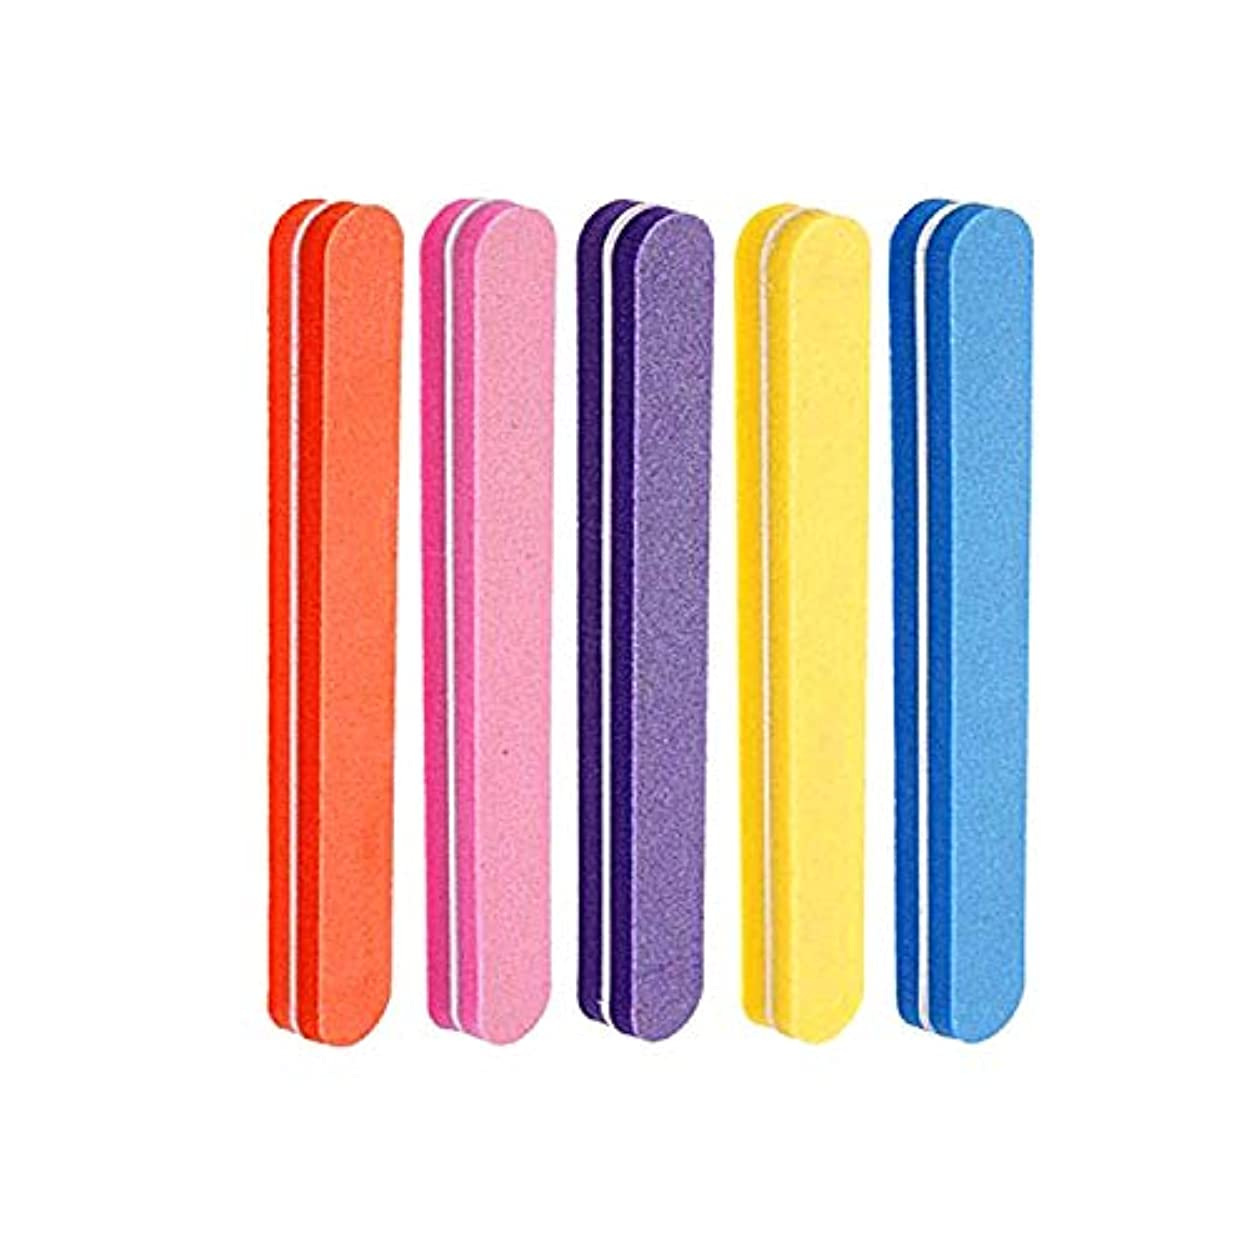 コンドームズーム手ネイルファイル 5色スポンジネイルバッファー 100/180グリット ジェルネイル用 (5本セット)